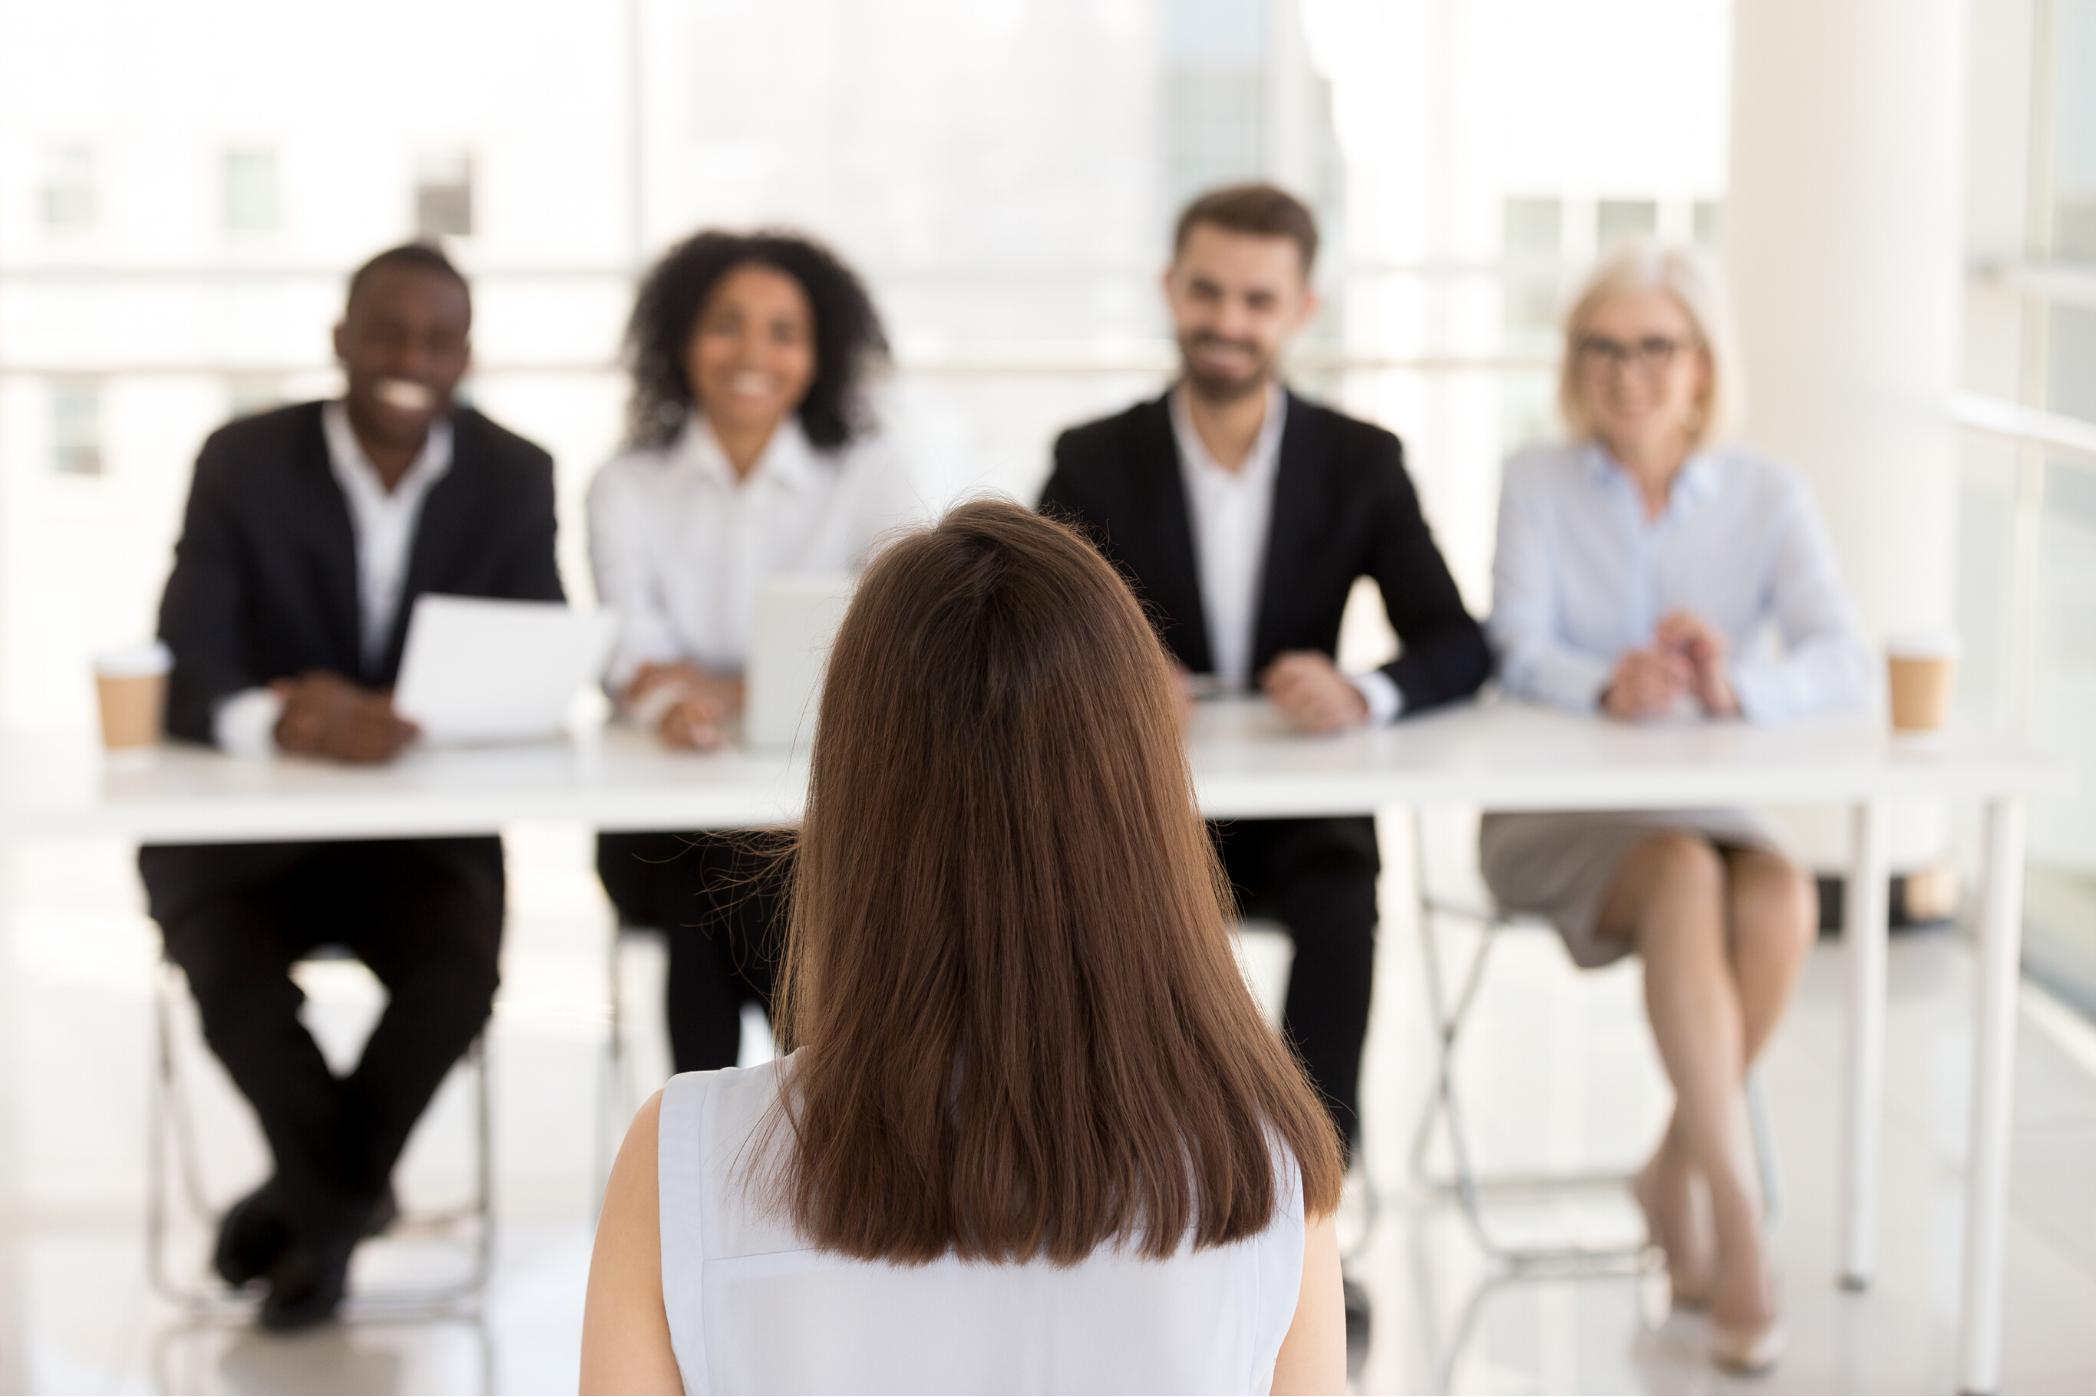 Chcete změnit své zaměstnání? Nastartujte svou novou profesi, třeba jako masér